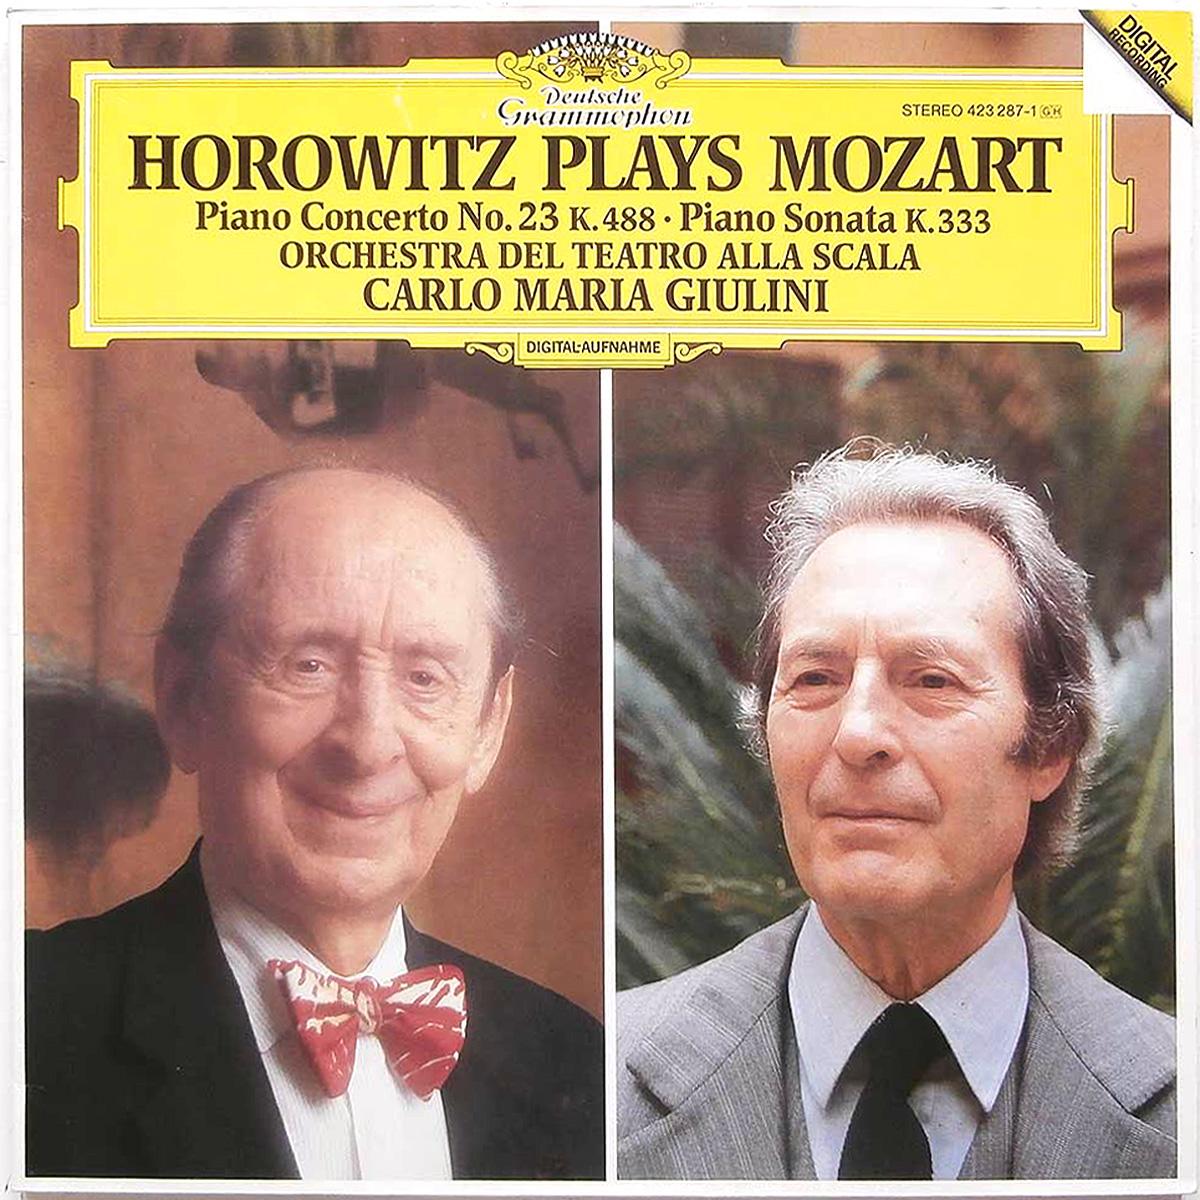 DGG 423 287 Mozart Concerto Piano 23 Sonate Horowitz Giulini DGG Digital Aufnahme